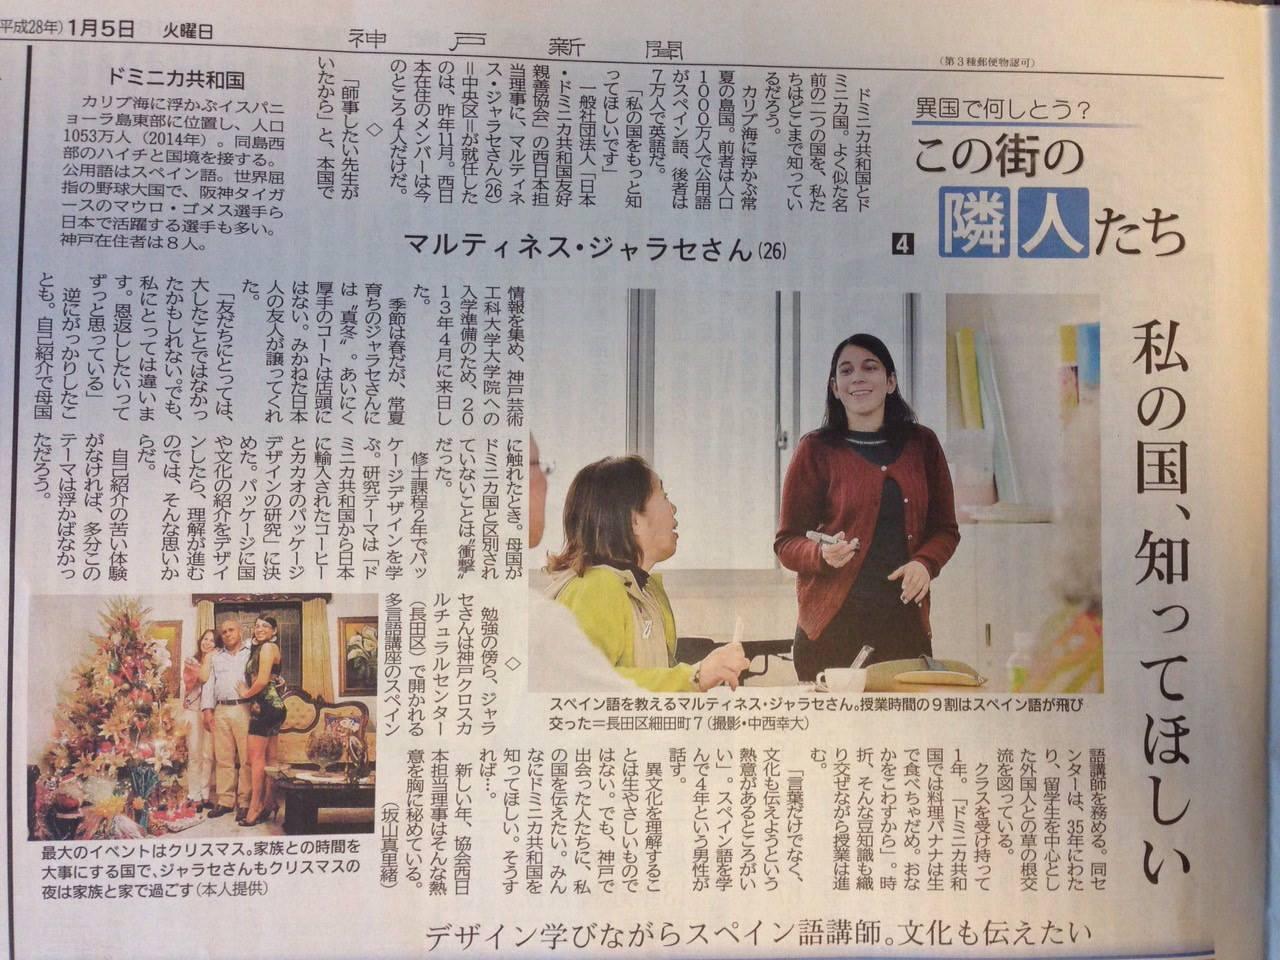 神戸新聞「この街の隣人たち」に西日本担当理事が掲載